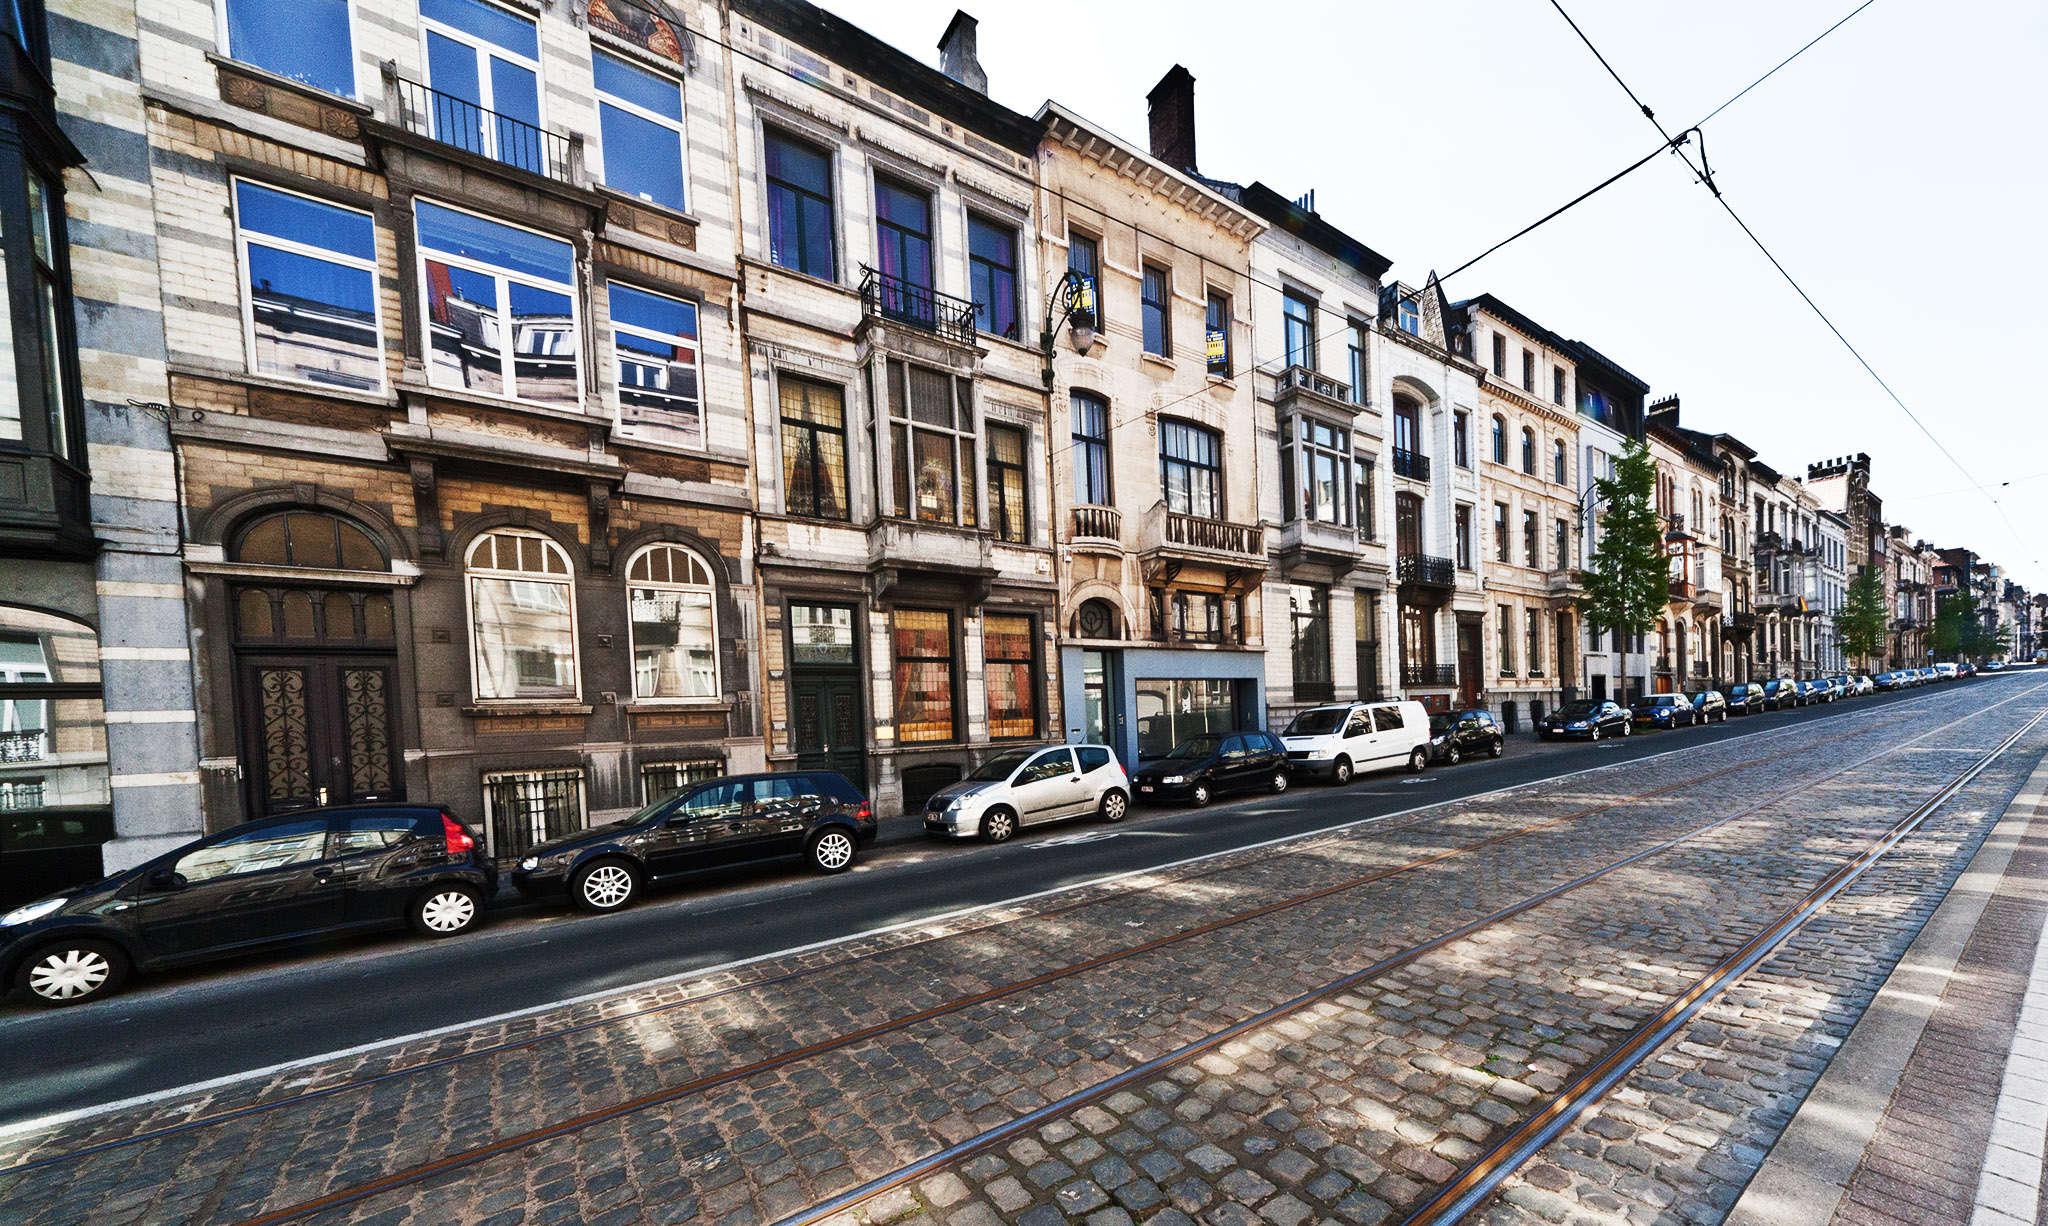 Place Brugmann